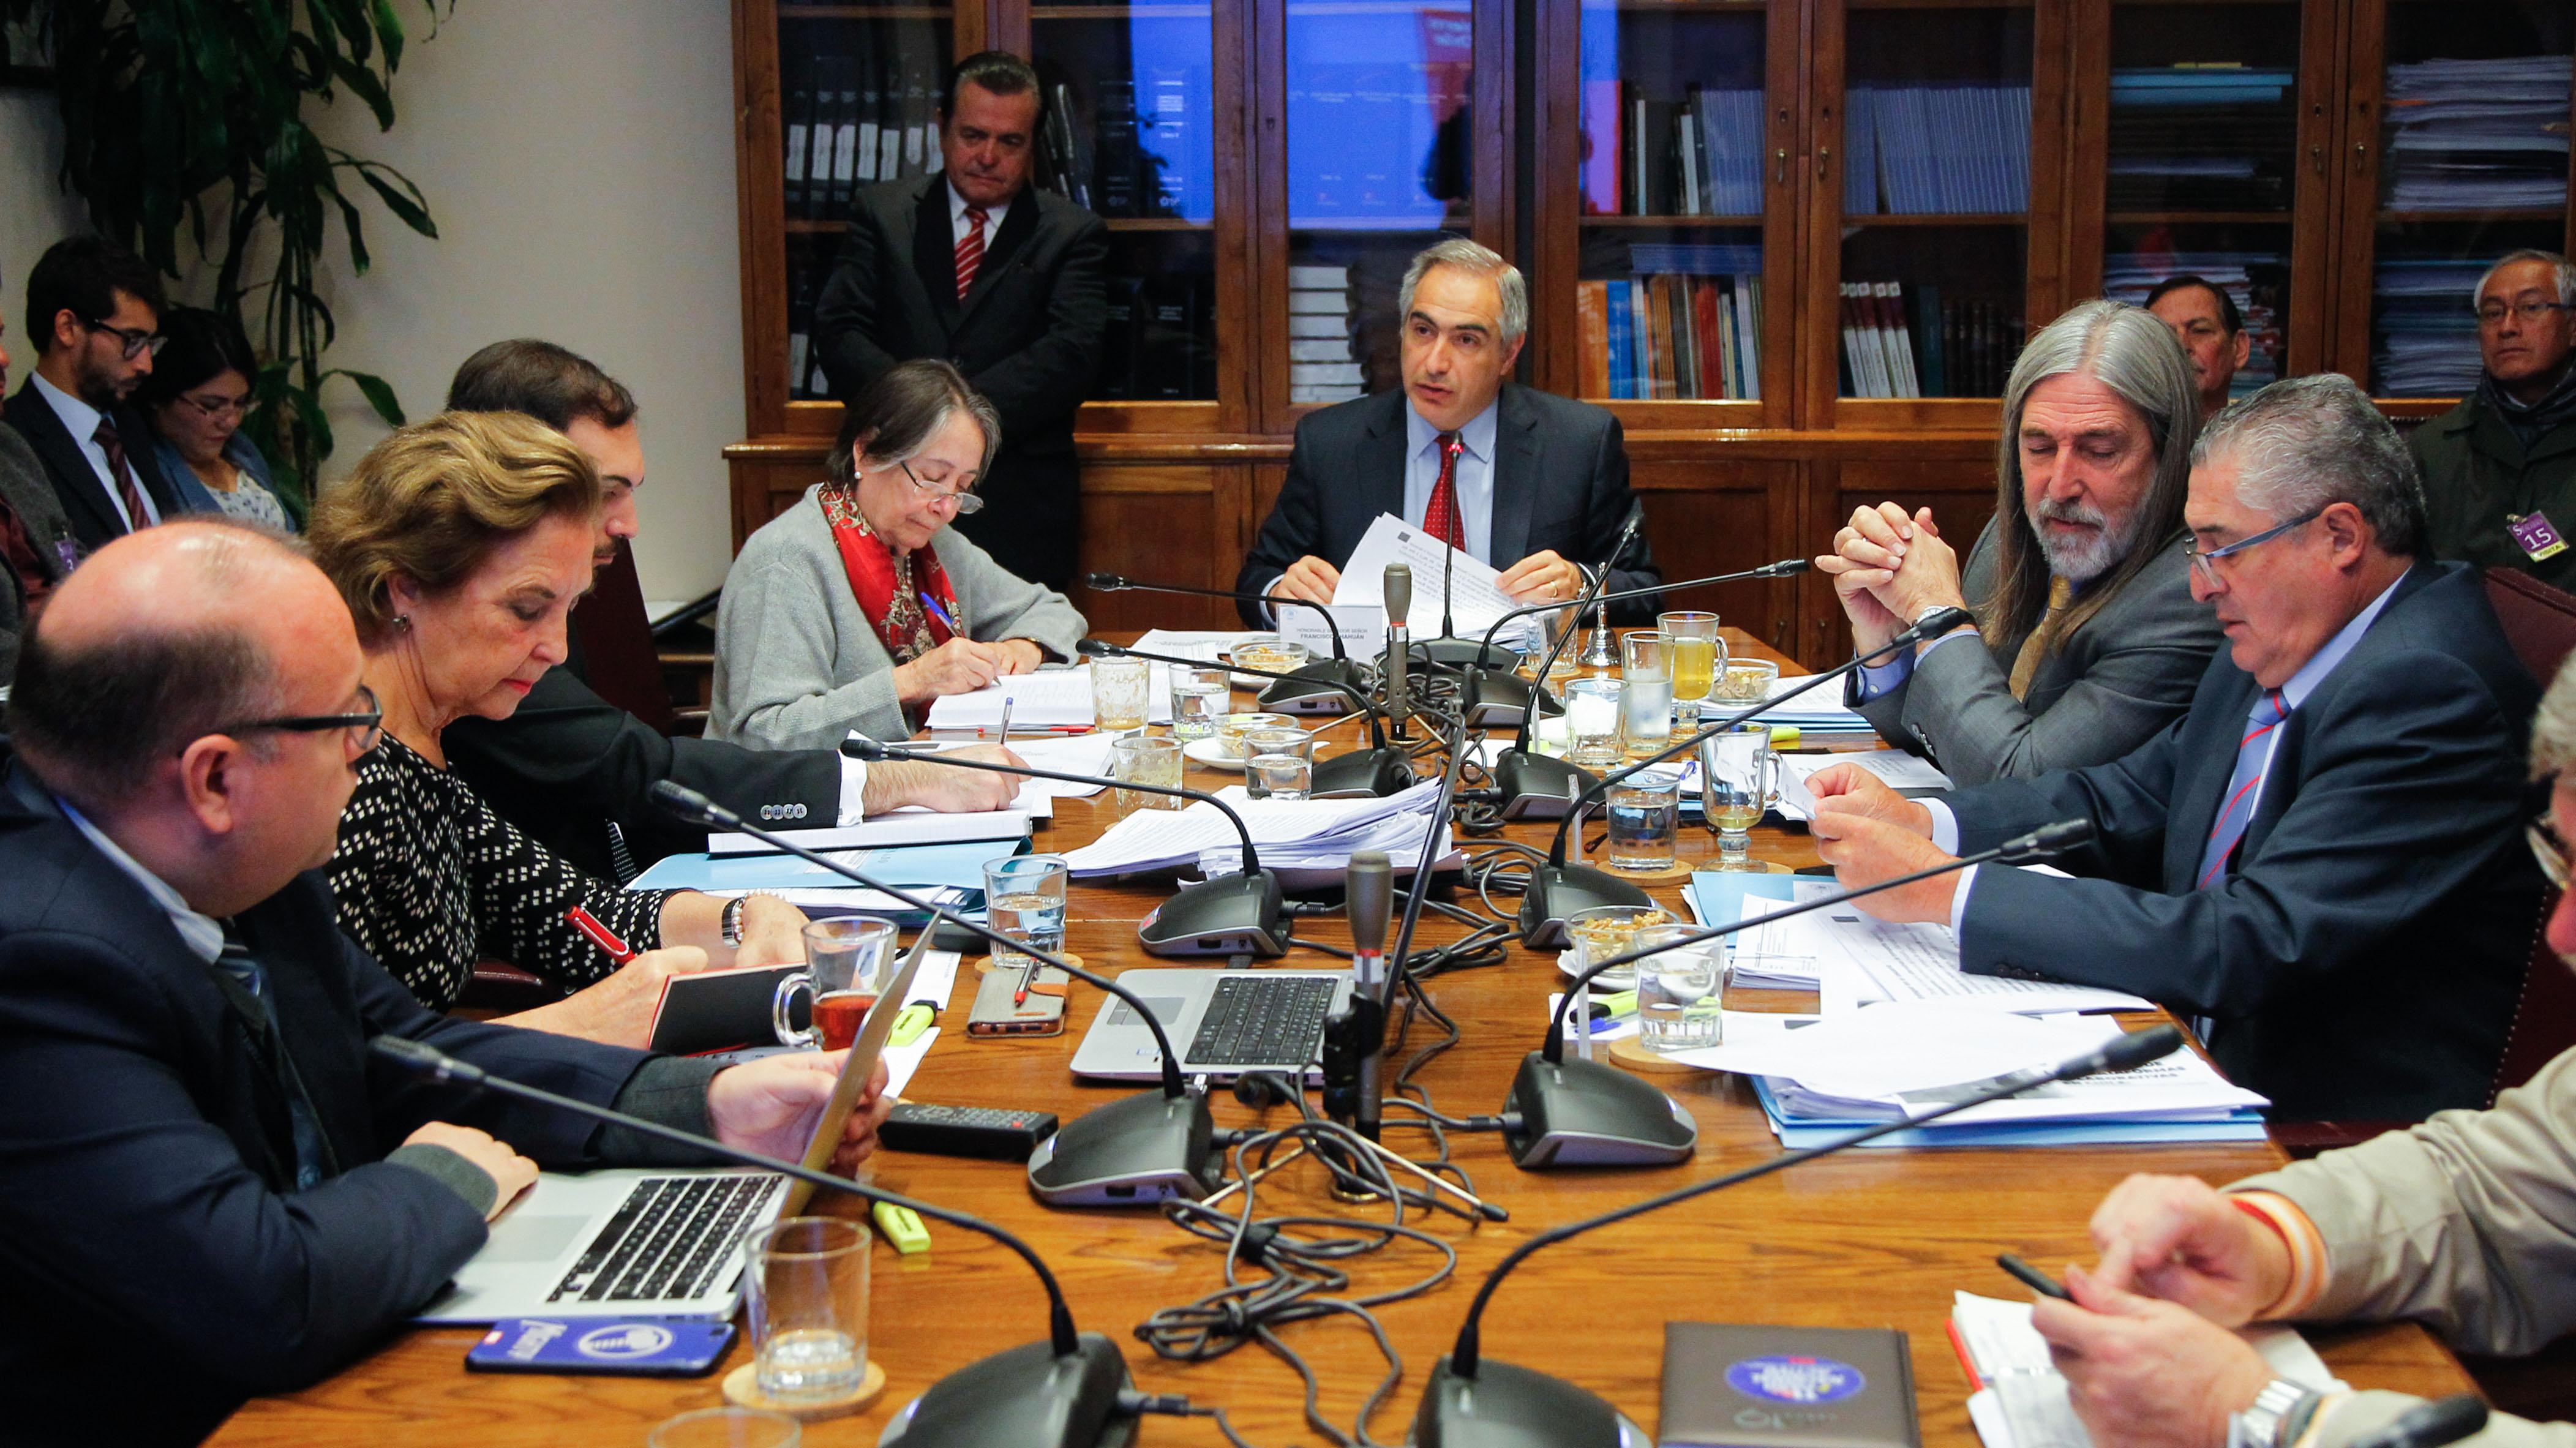 Comisión de Transportes del Senado cita a ministra Hutt para que explique plan de fiscalización a buses interurbanos